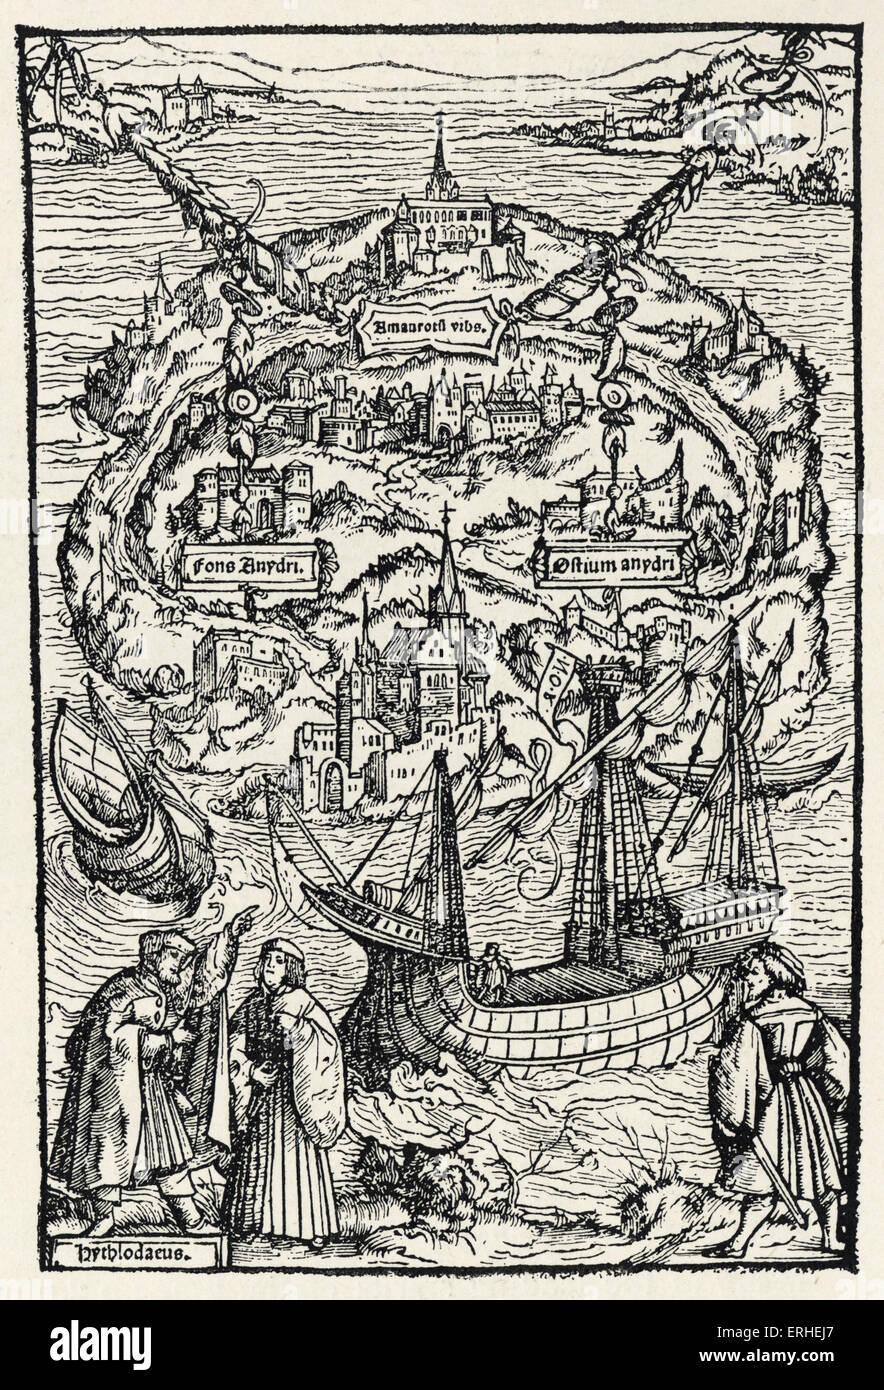 Utopia - written by Sir Thomas More - illustration - plan of Utopia 1518 - Stock Image